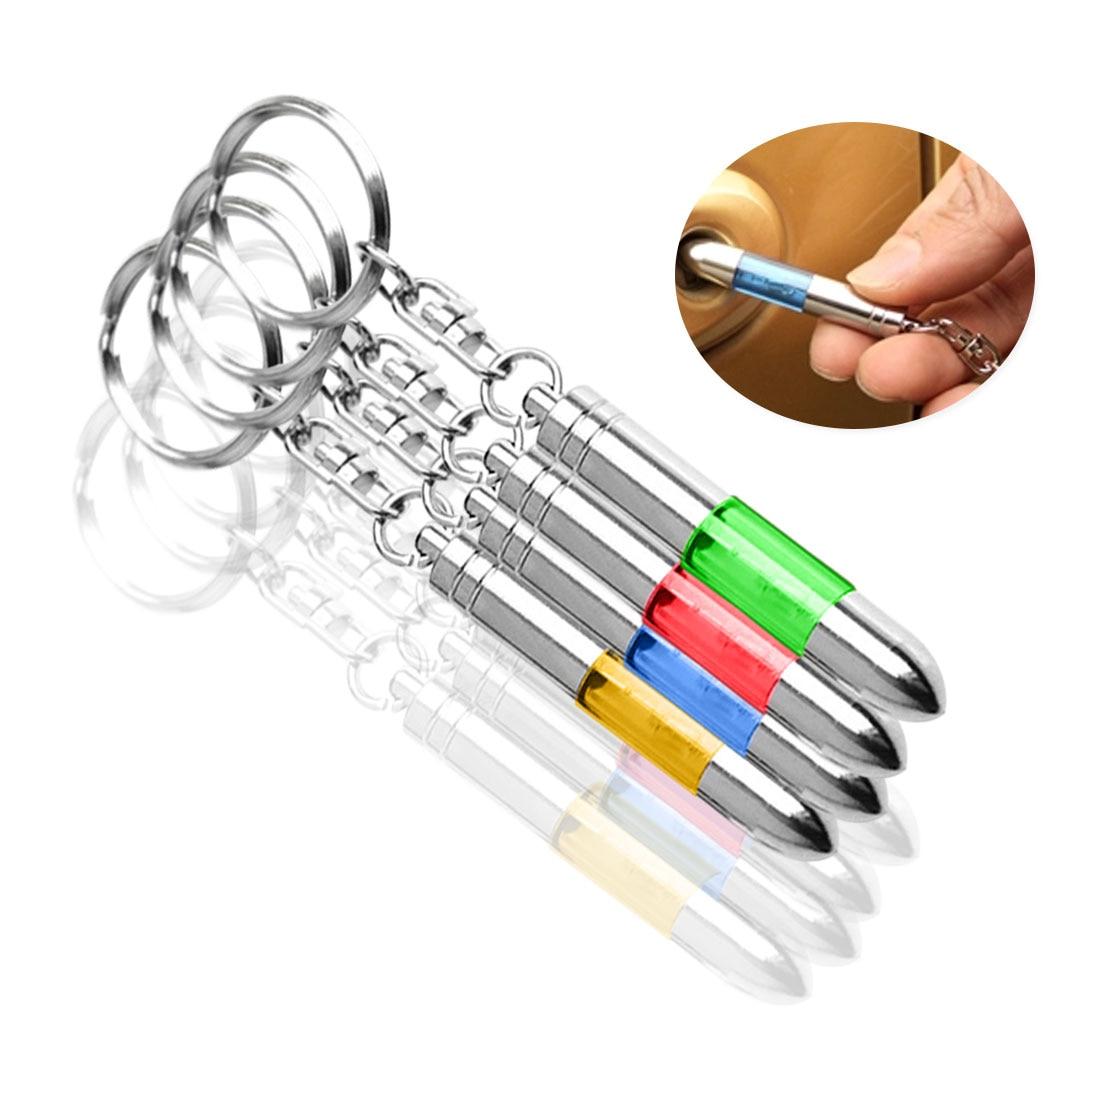 Антистатическая Пряжка для ключей для автомобилей быстро устраняет статическое электричество